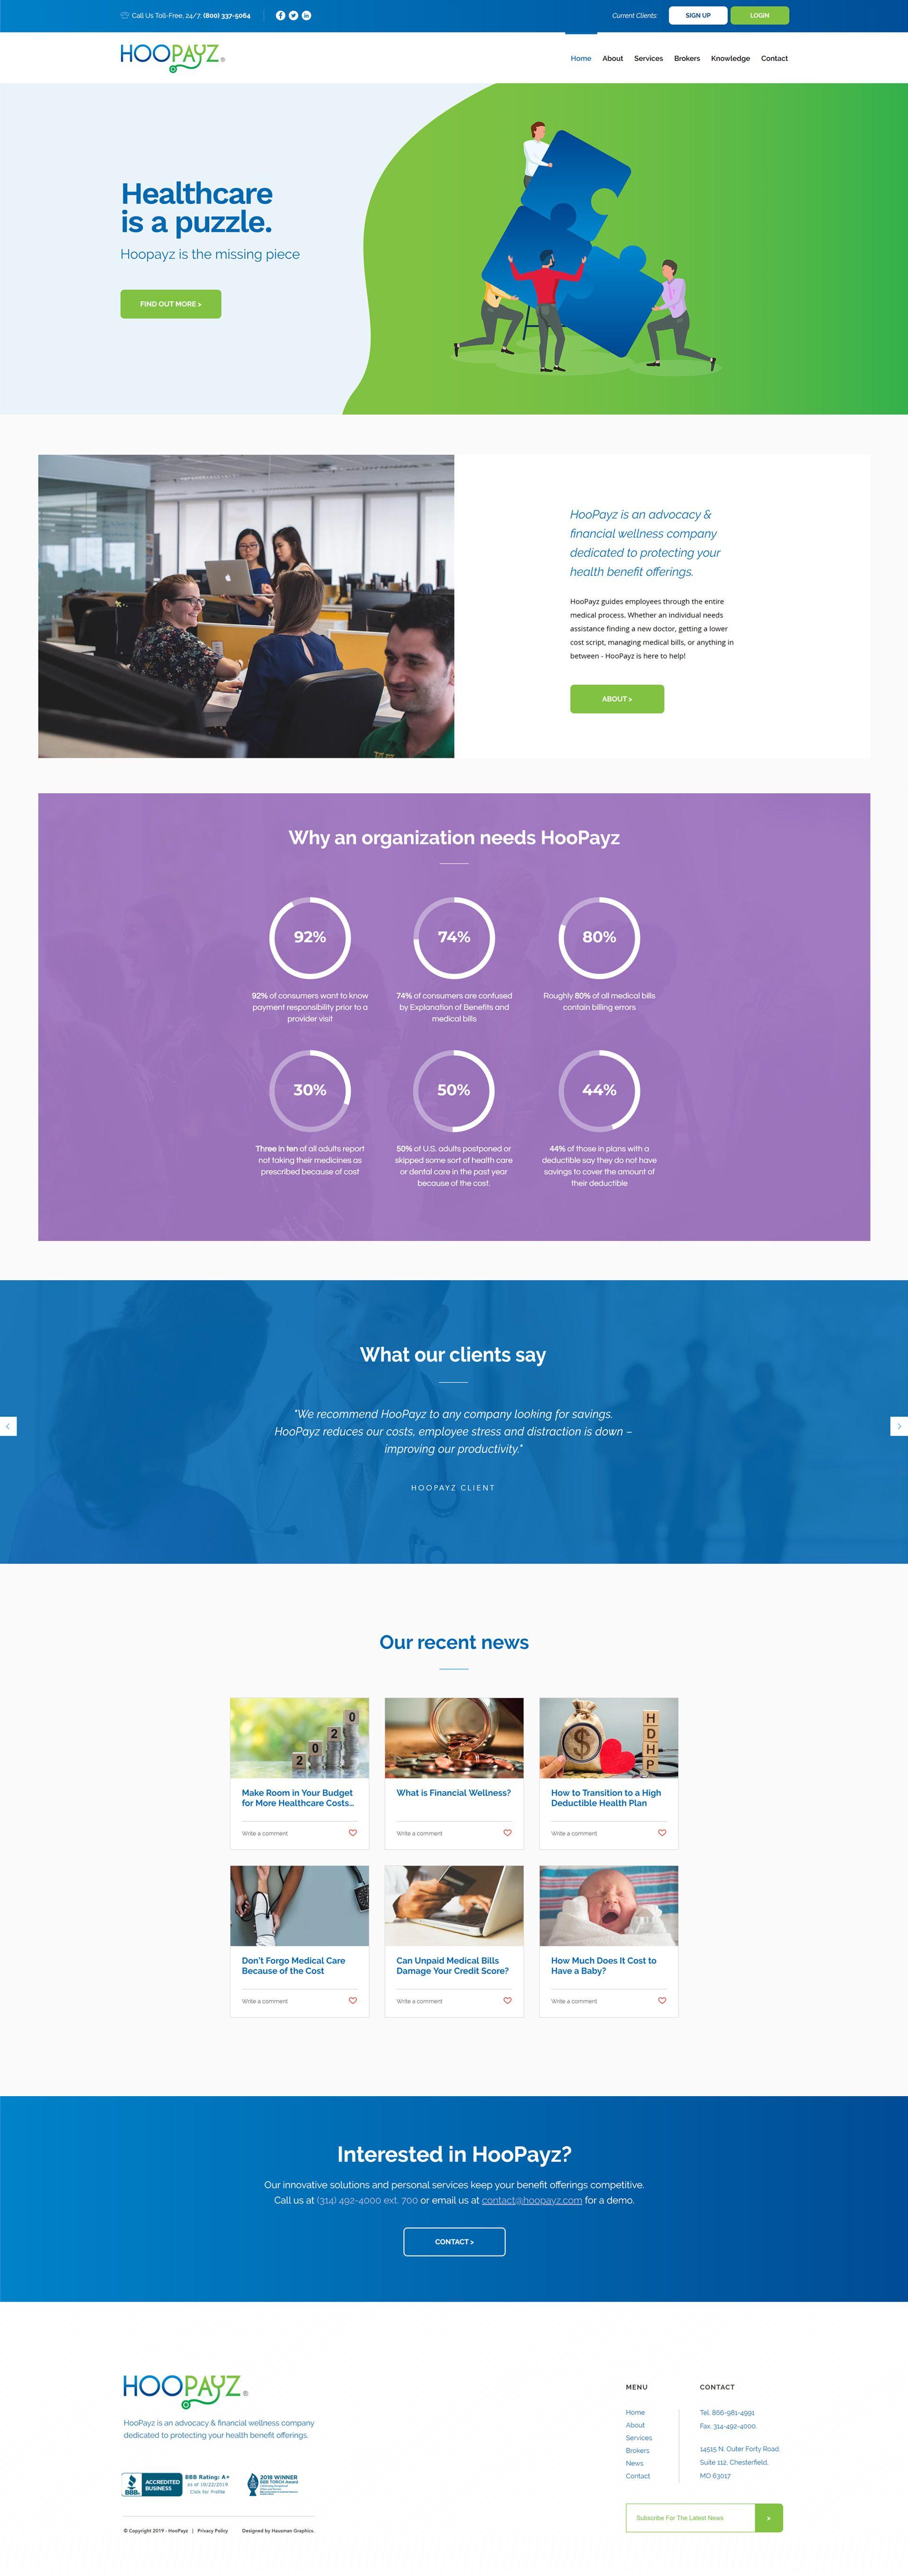 Website Design On The Wix Platform In 2020 Wix Website Design Website Design Web Design Agency